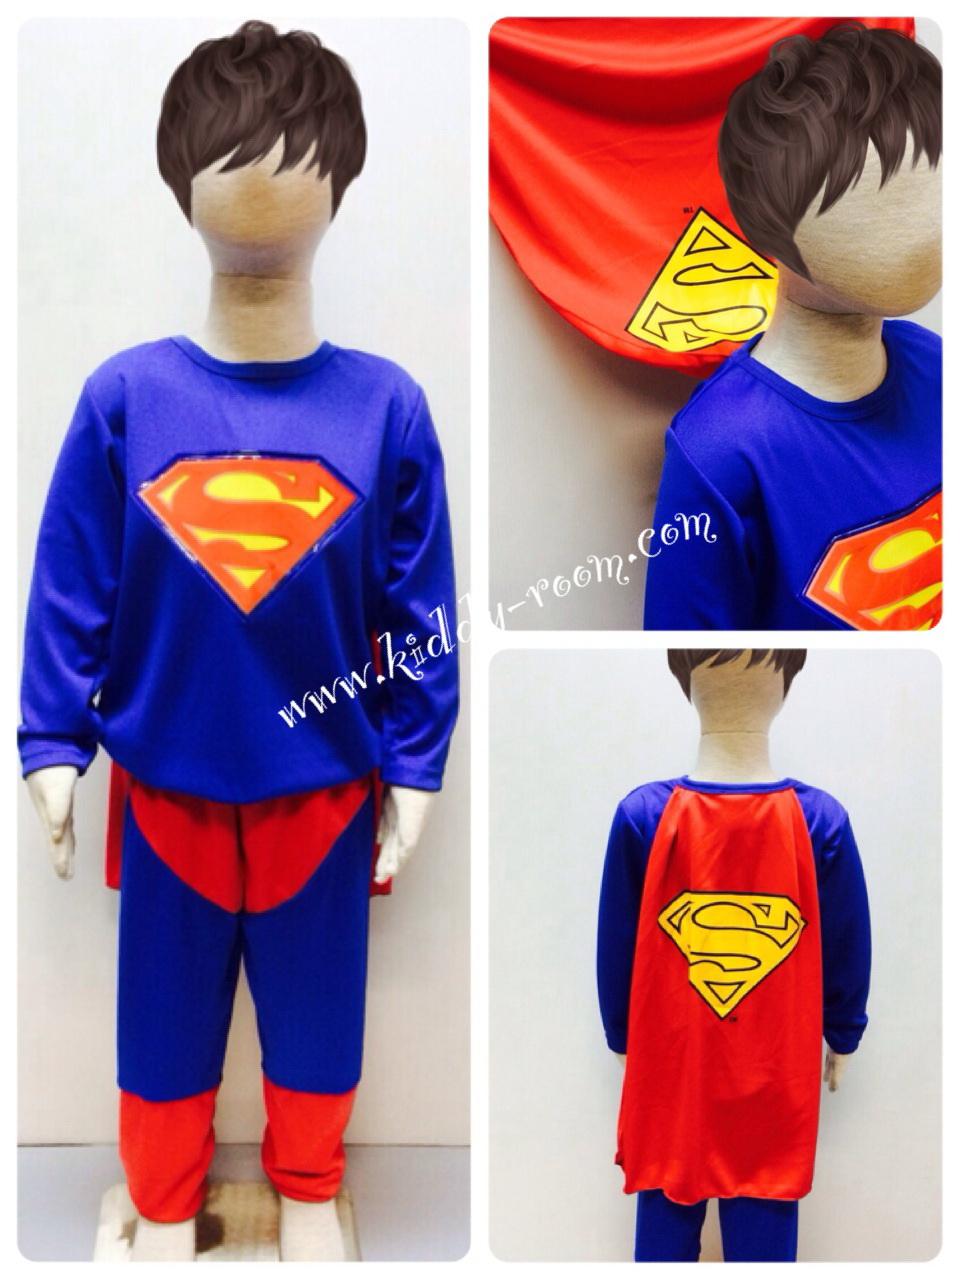 Superman (งานลิขสิทธิ์) ชุดแฟนซีเด็กซุปเปอร์แมน มีไฟ 2 ชิ้น เสื้อพร้อมผ้าคลุม และกางเกง ให้คุณหนูๆ ได้ใส่ตามจิตนาการ ผ้ามัน Polyester ใส่สบายค่ะ หรือจะใส่เป็นชุดนอนก็ได้ค่ะ size S, M, L, XL